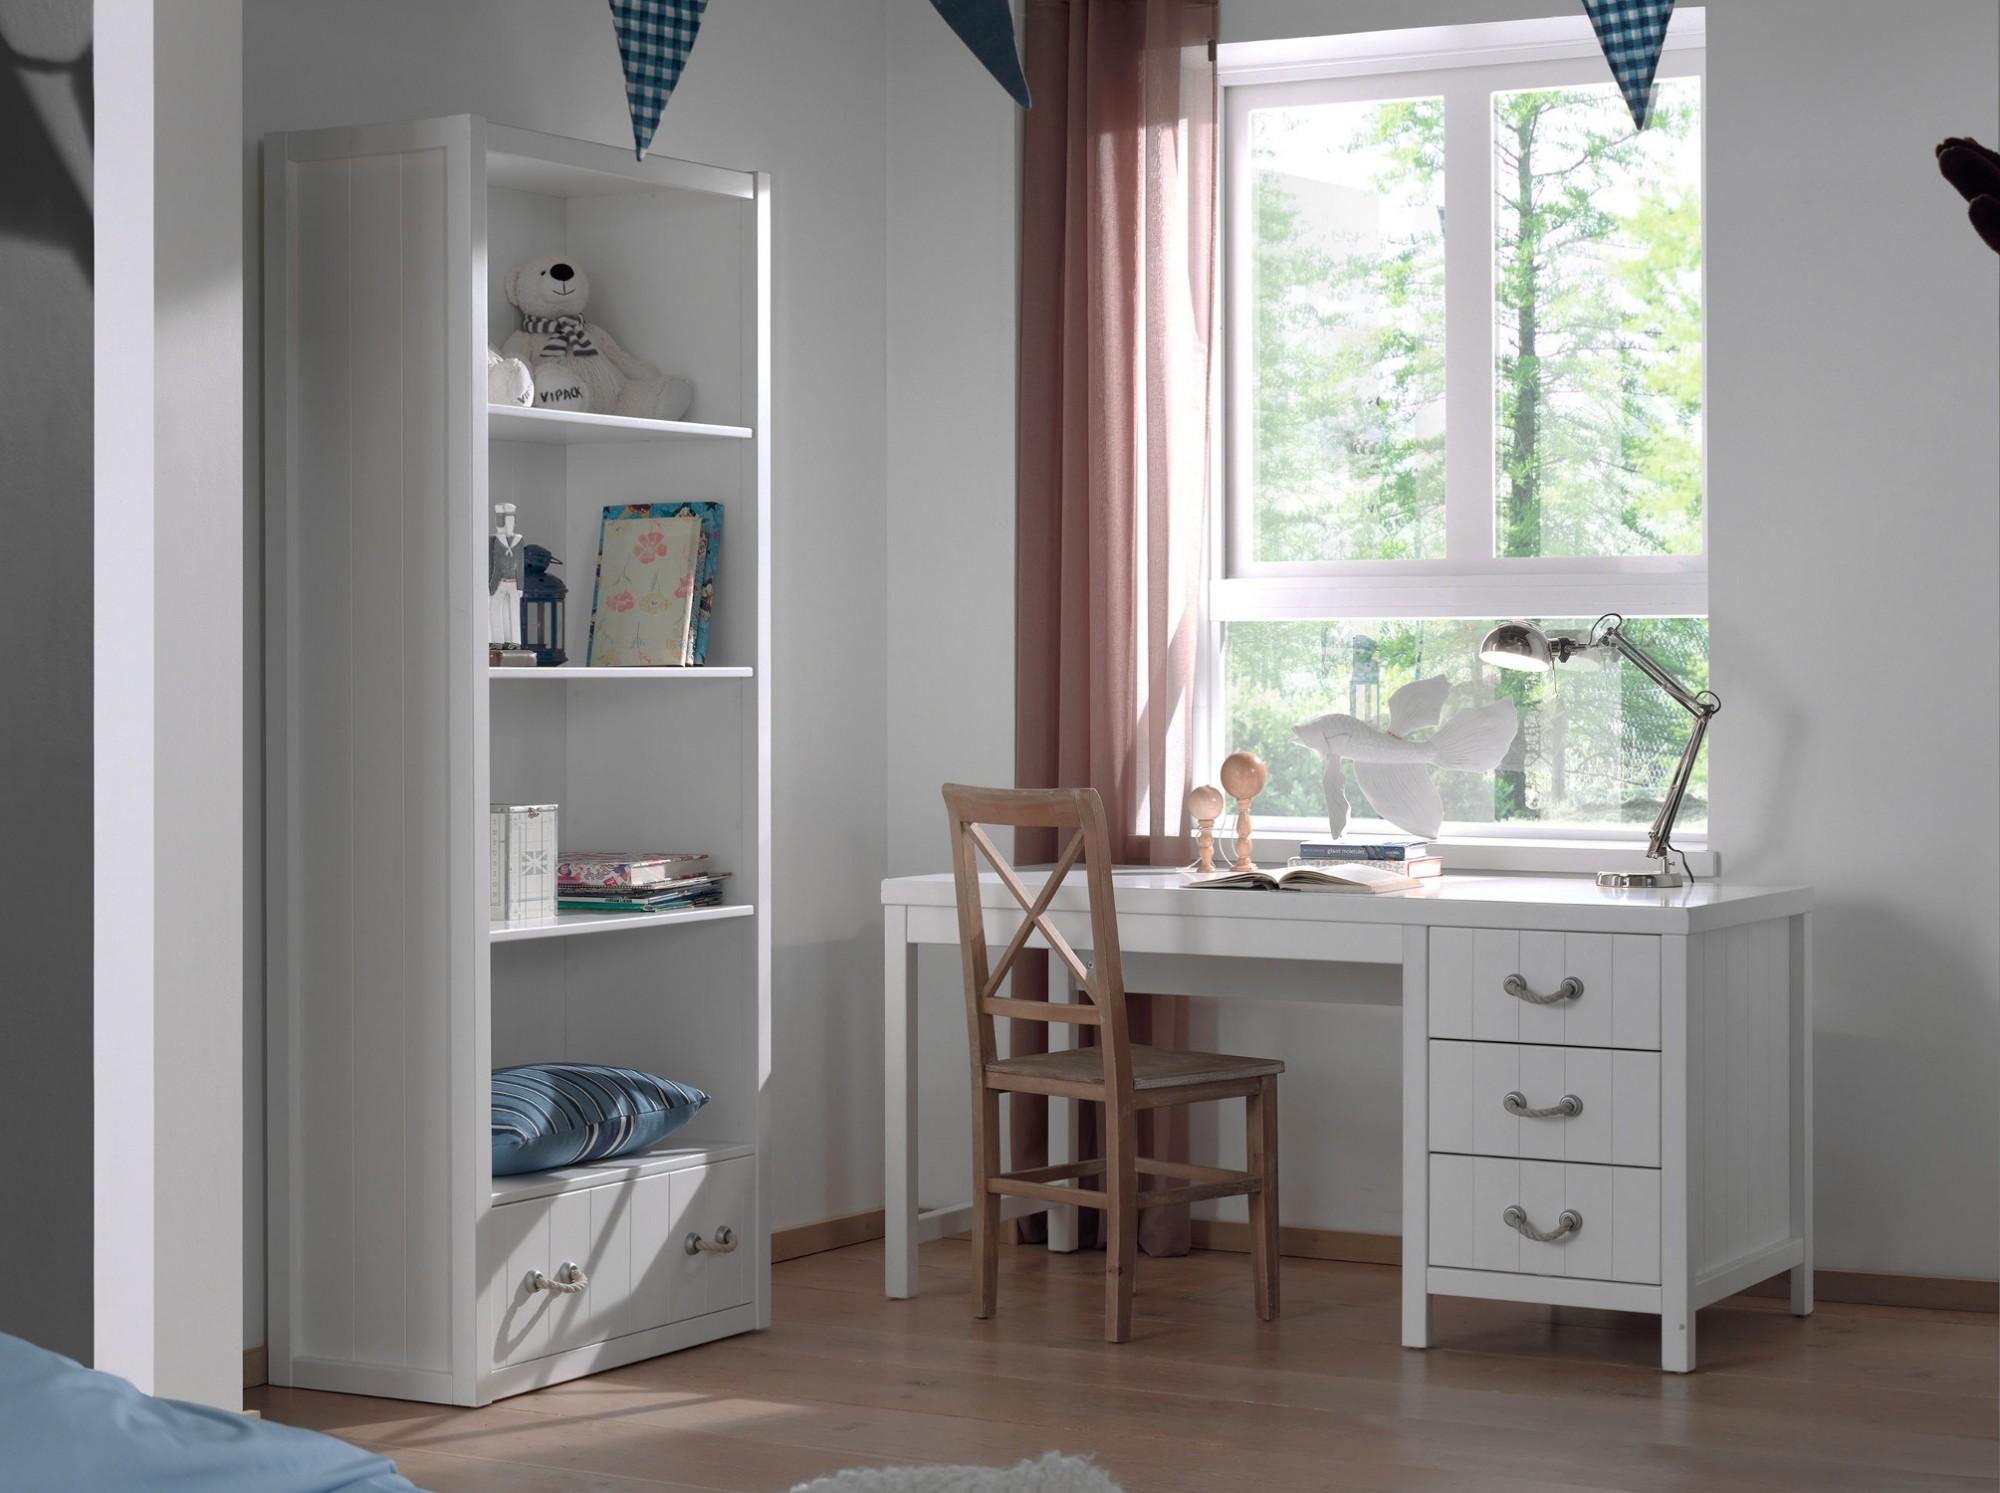 jugendzimmer lewis komplett mit regal und schreibtisch kinder jugendzimmer jugendzimmer sets. Black Bedroom Furniture Sets. Home Design Ideas